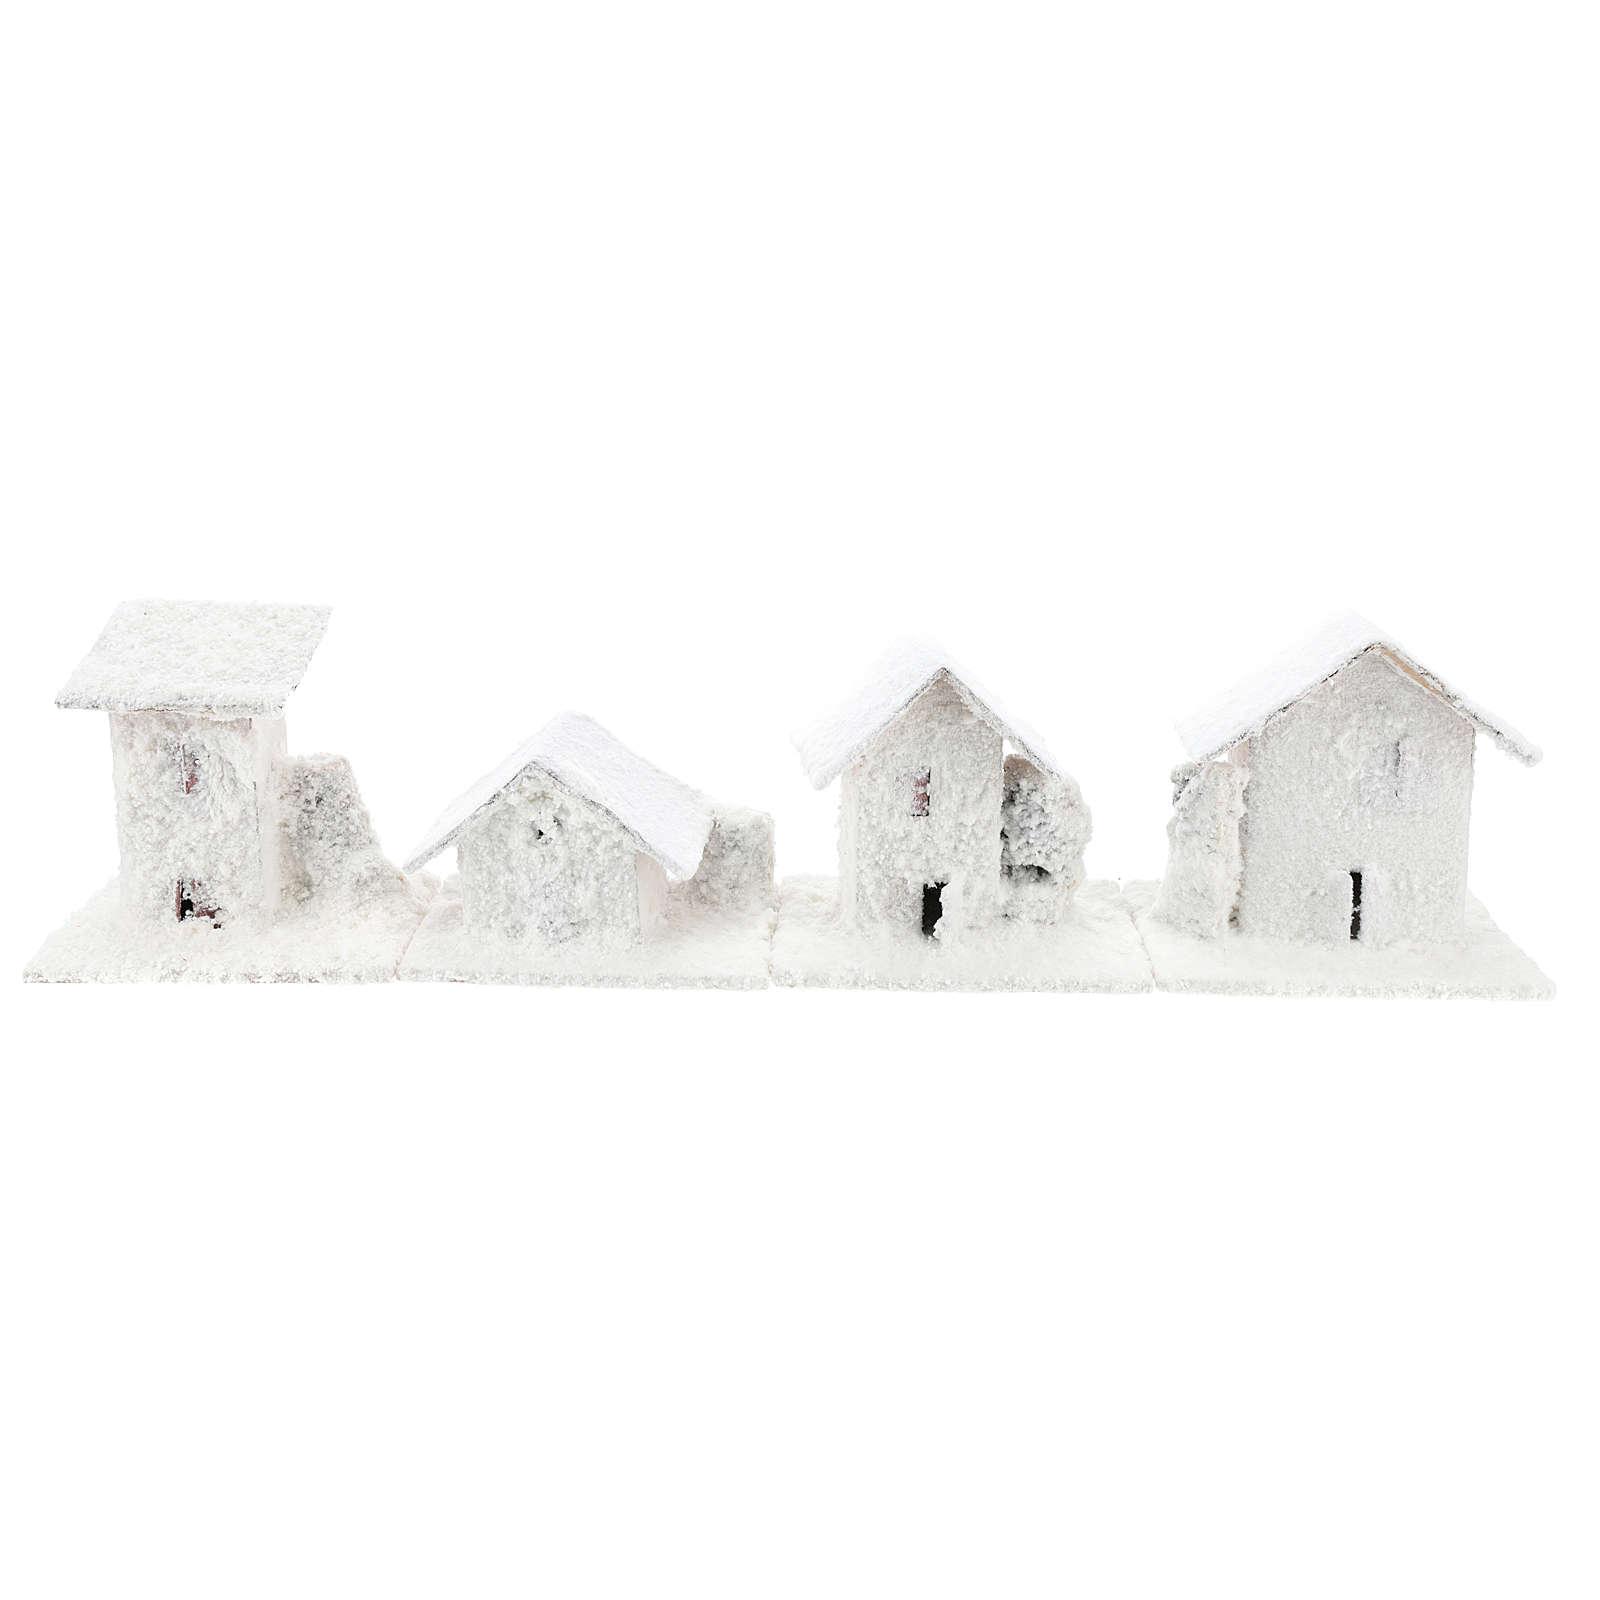 Set 4 casette innevate 10x10x10 cm presepe 3-4 cm 4